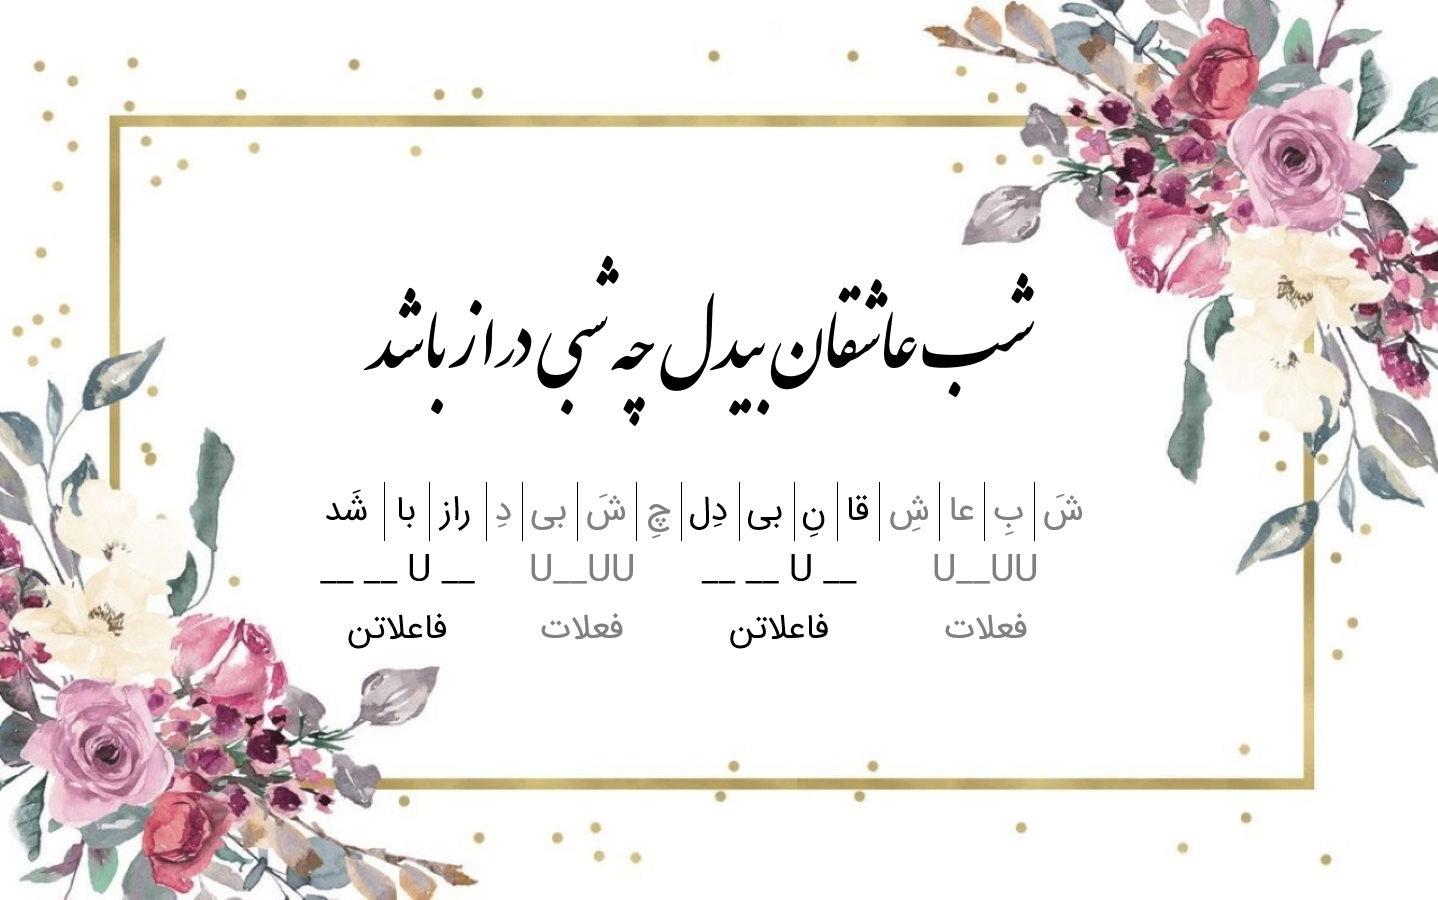 آموزش وزن شعر فارسی | به زبان ساده و گام به گام